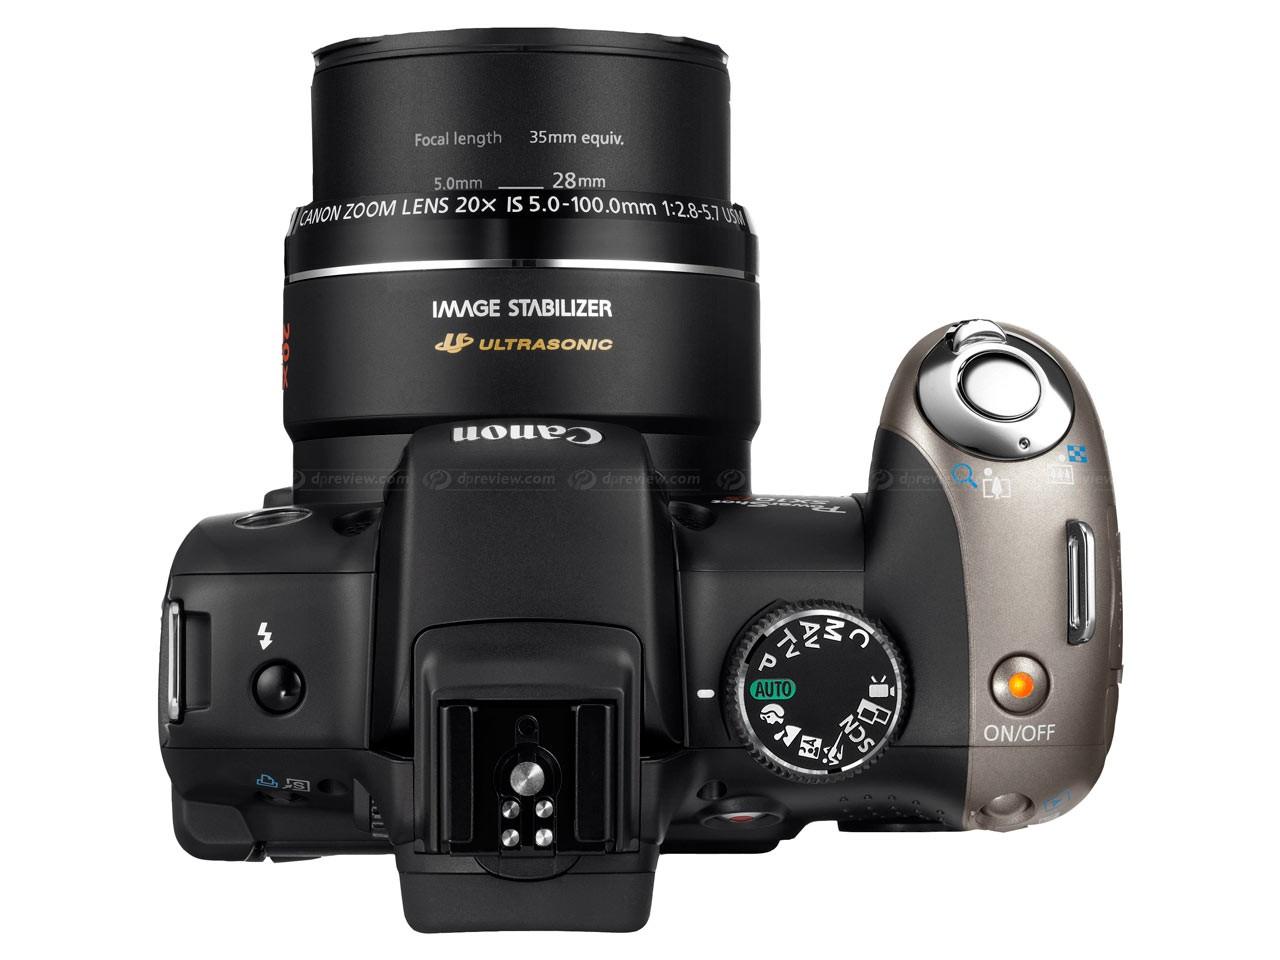 фотоаппарат кэнон sx10 is инструкция